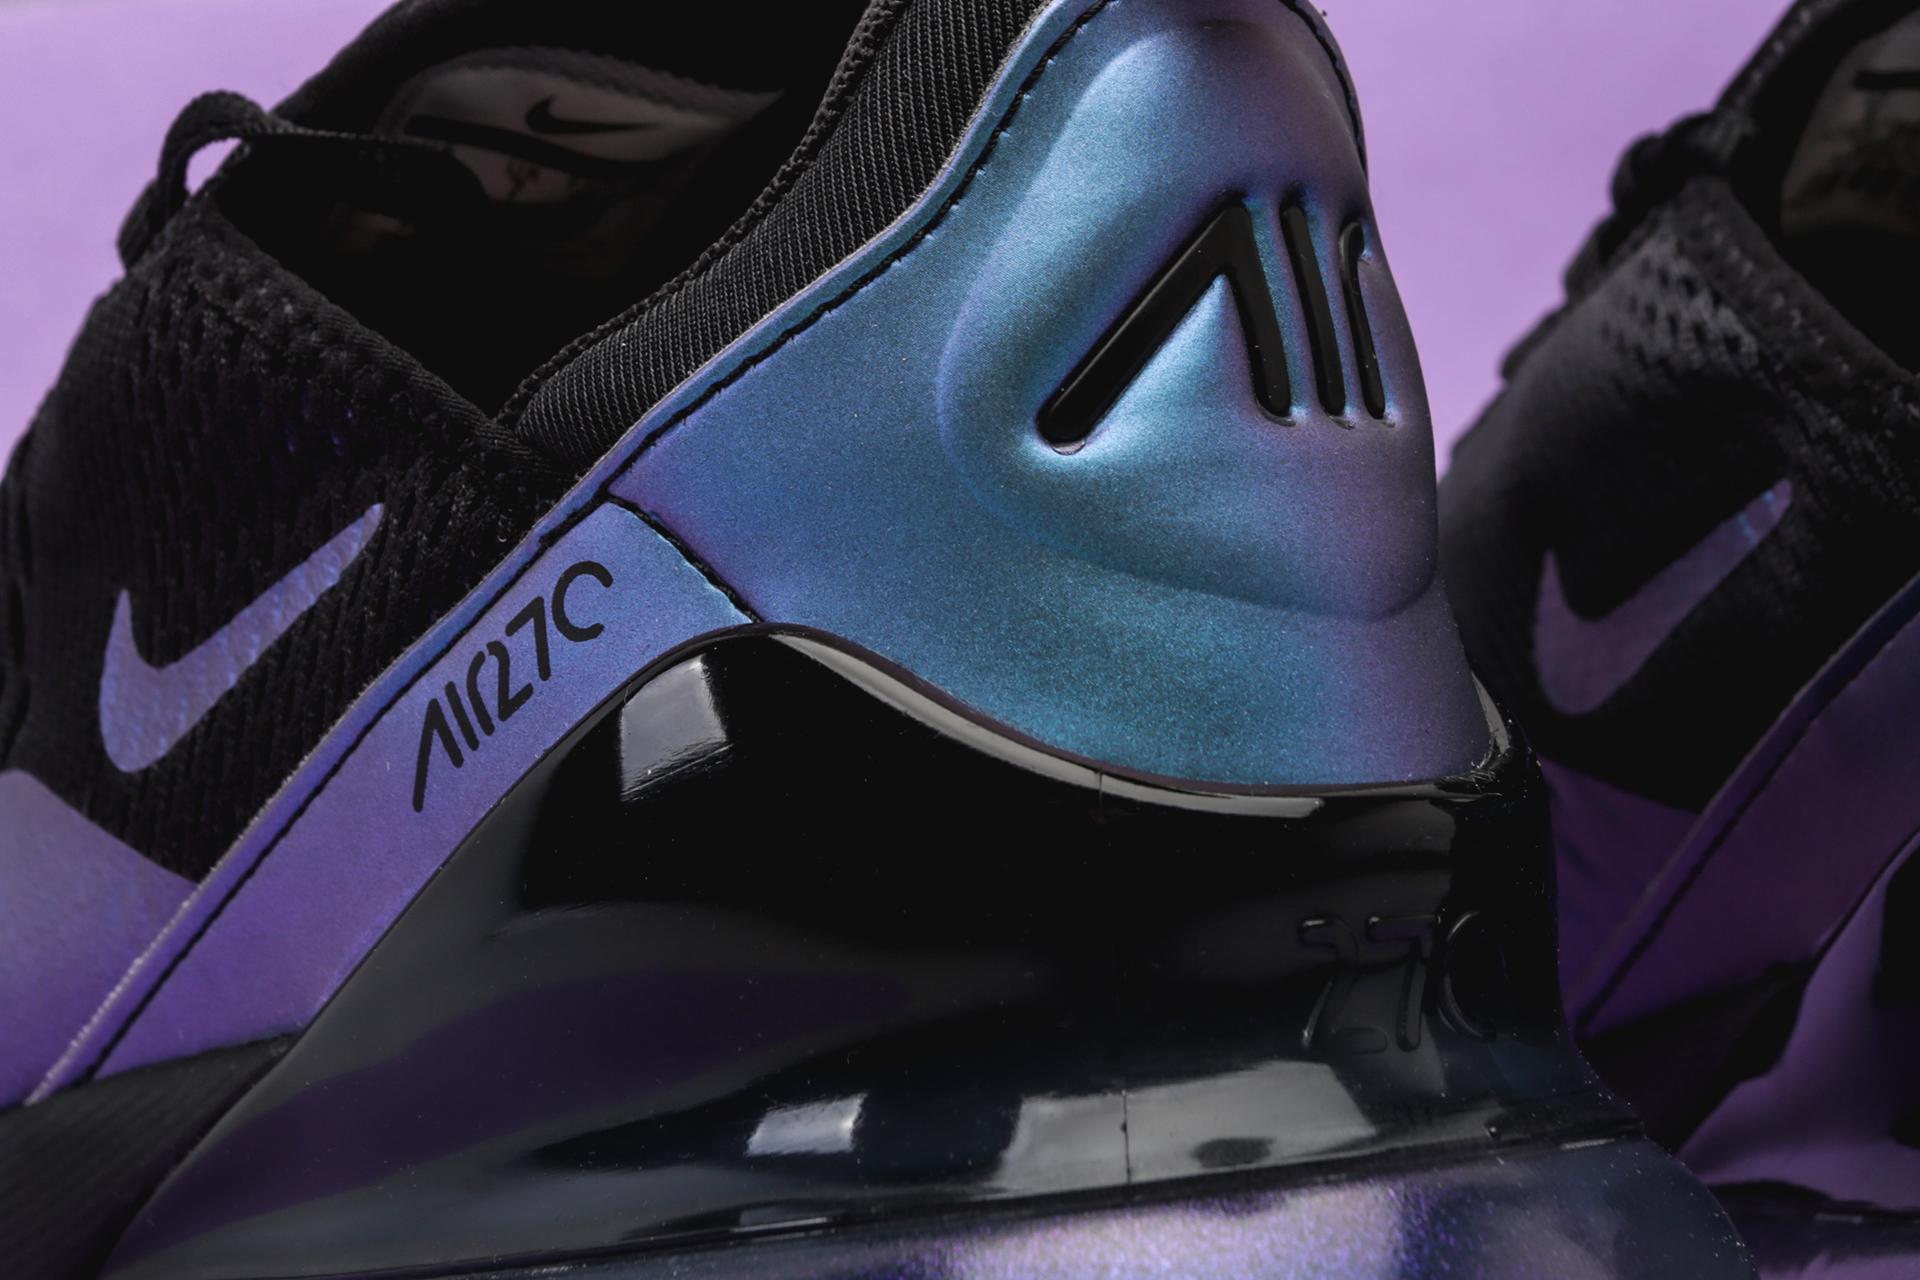 7acc994e Купить черные мужские кроссовки Air Max 270 от Nike (AH8050-020) по ...